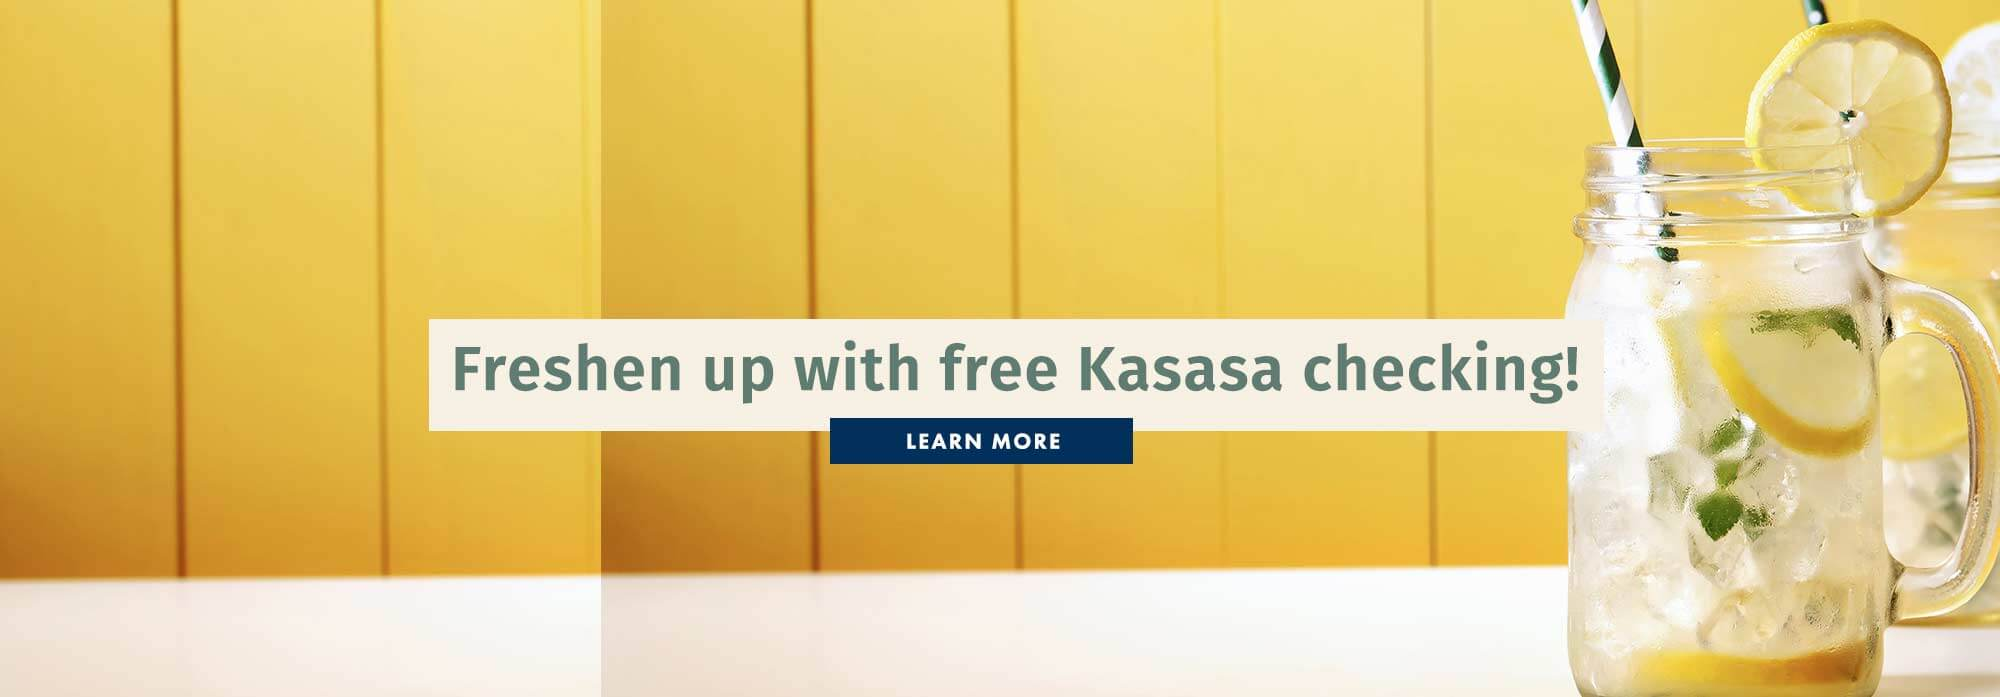 Freshen up with free Kasasa checking!